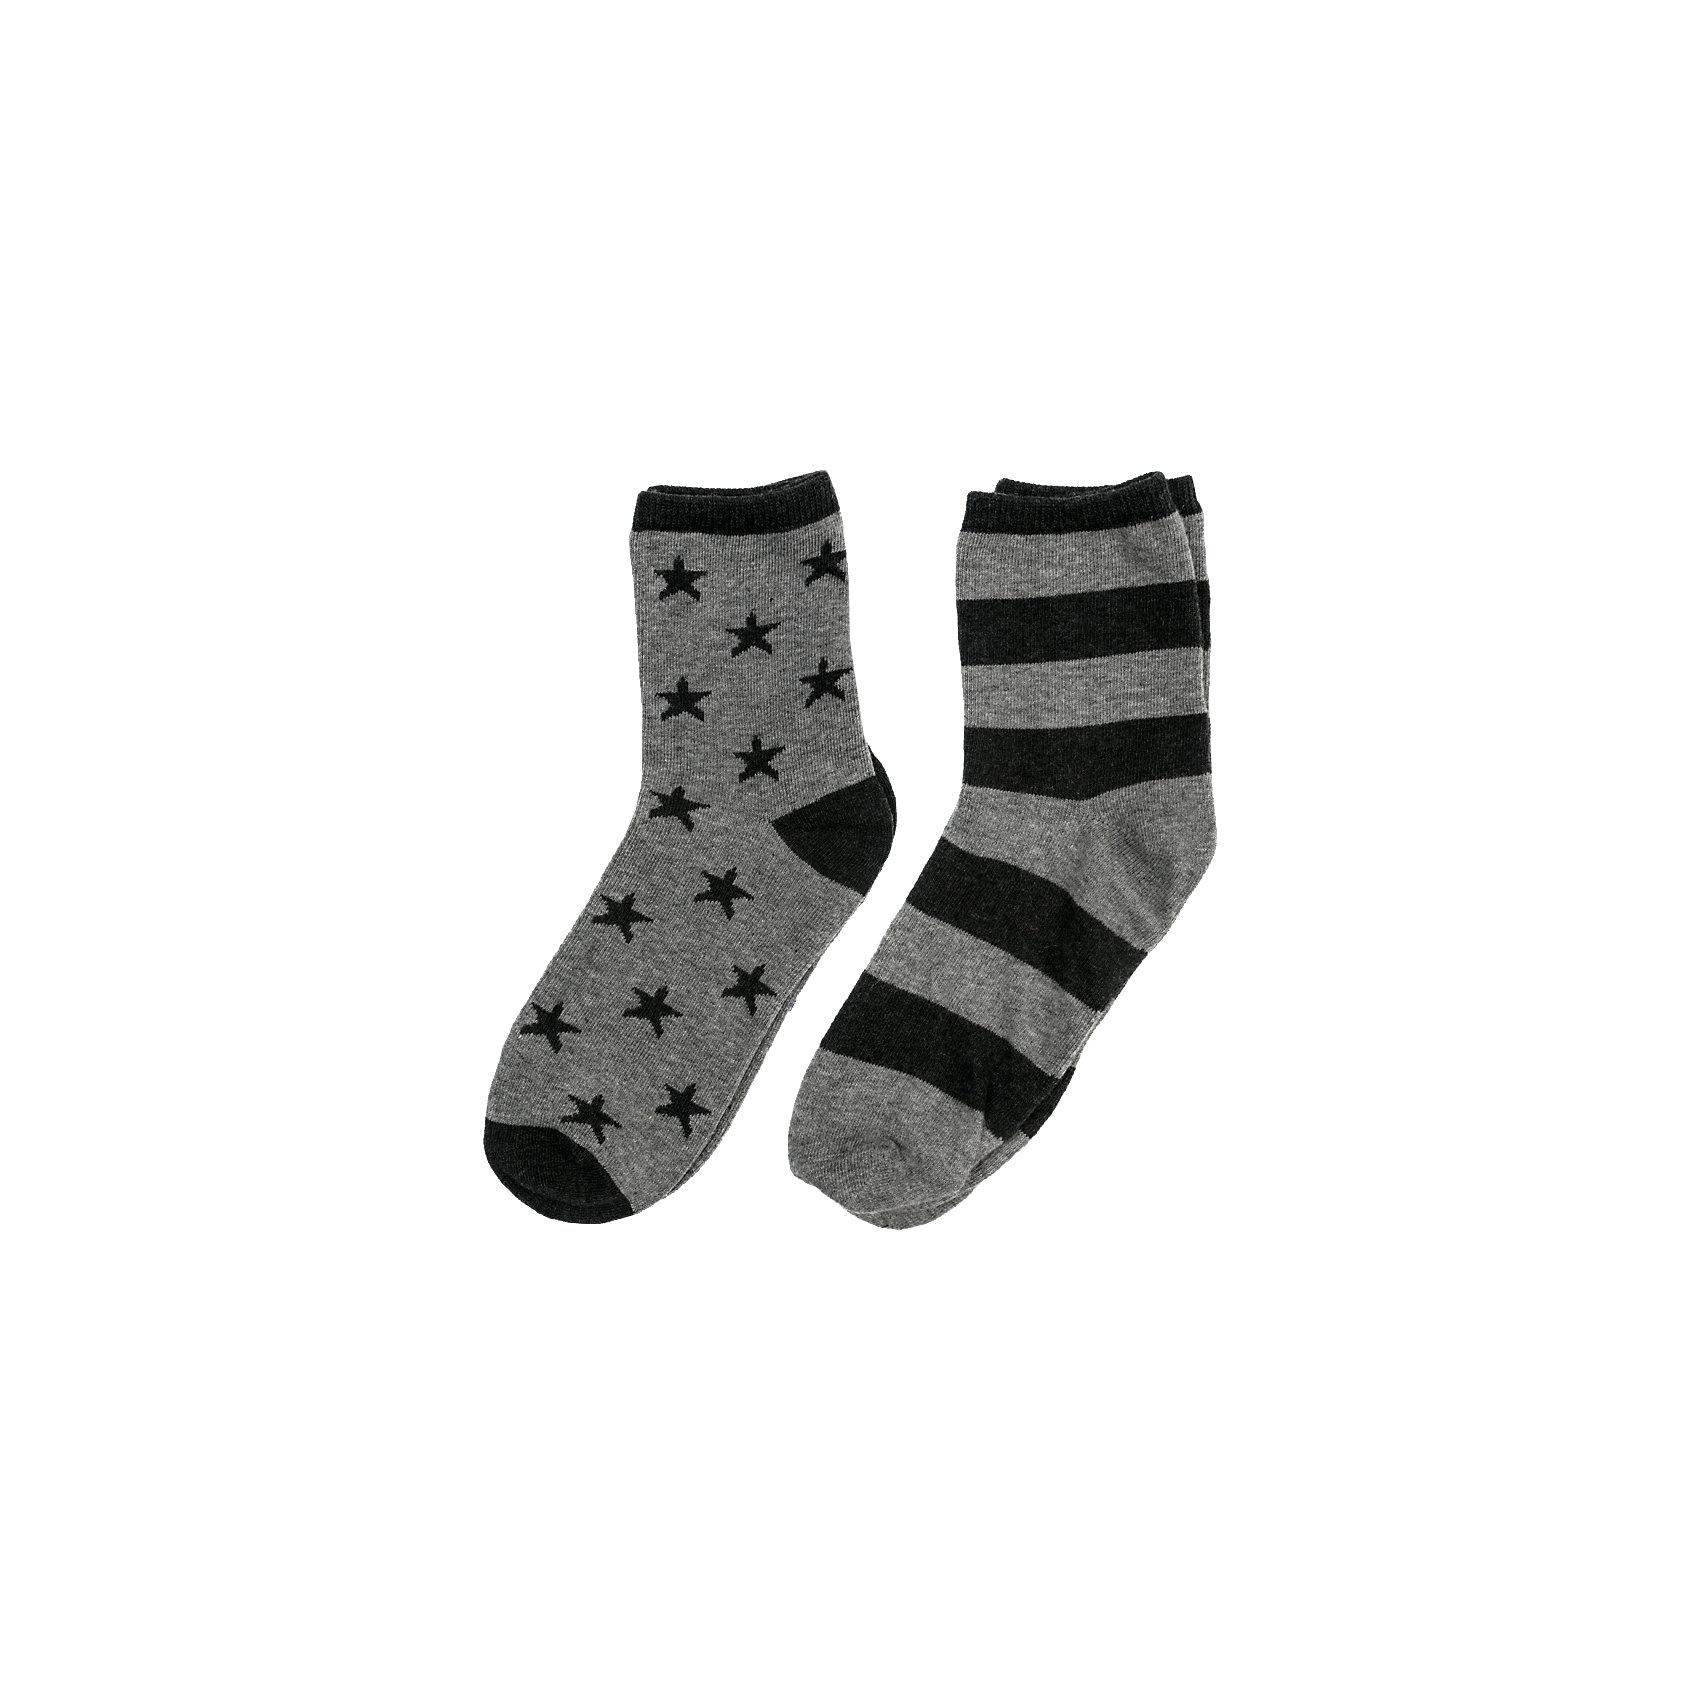 Носки Scool для мальчикаНоски<br>Носки Scool для мальчика<br>Носки с высоким содержанием натурального хлопка, не сковывают движений. Хорошо пропускают воздух, тем самым позволяя коже дышать.  Даже частые стирки, при условии соблюдений рекомендаций по уходу, не изменят ни форму, ни цвет изделия. Метод производства одной модели - yarn dyed - в процессе изготовления в полотне используются разного цвета нити. Вторая модель дополнена жаккардовым рисунком.<br>Состав:<br>75% хлопок, 22% нейлон, 3% эластан<br><br>Ширина мм: 87<br>Глубина мм: 10<br>Высота мм: 105<br>Вес г: 115<br>Цвет: белый<br>Возраст от месяцев: 156<br>Возраст до месяцев: 168<br>Пол: Мужской<br>Возраст: Детский<br>Размер: 24,20,22<br>SKU: 7104836